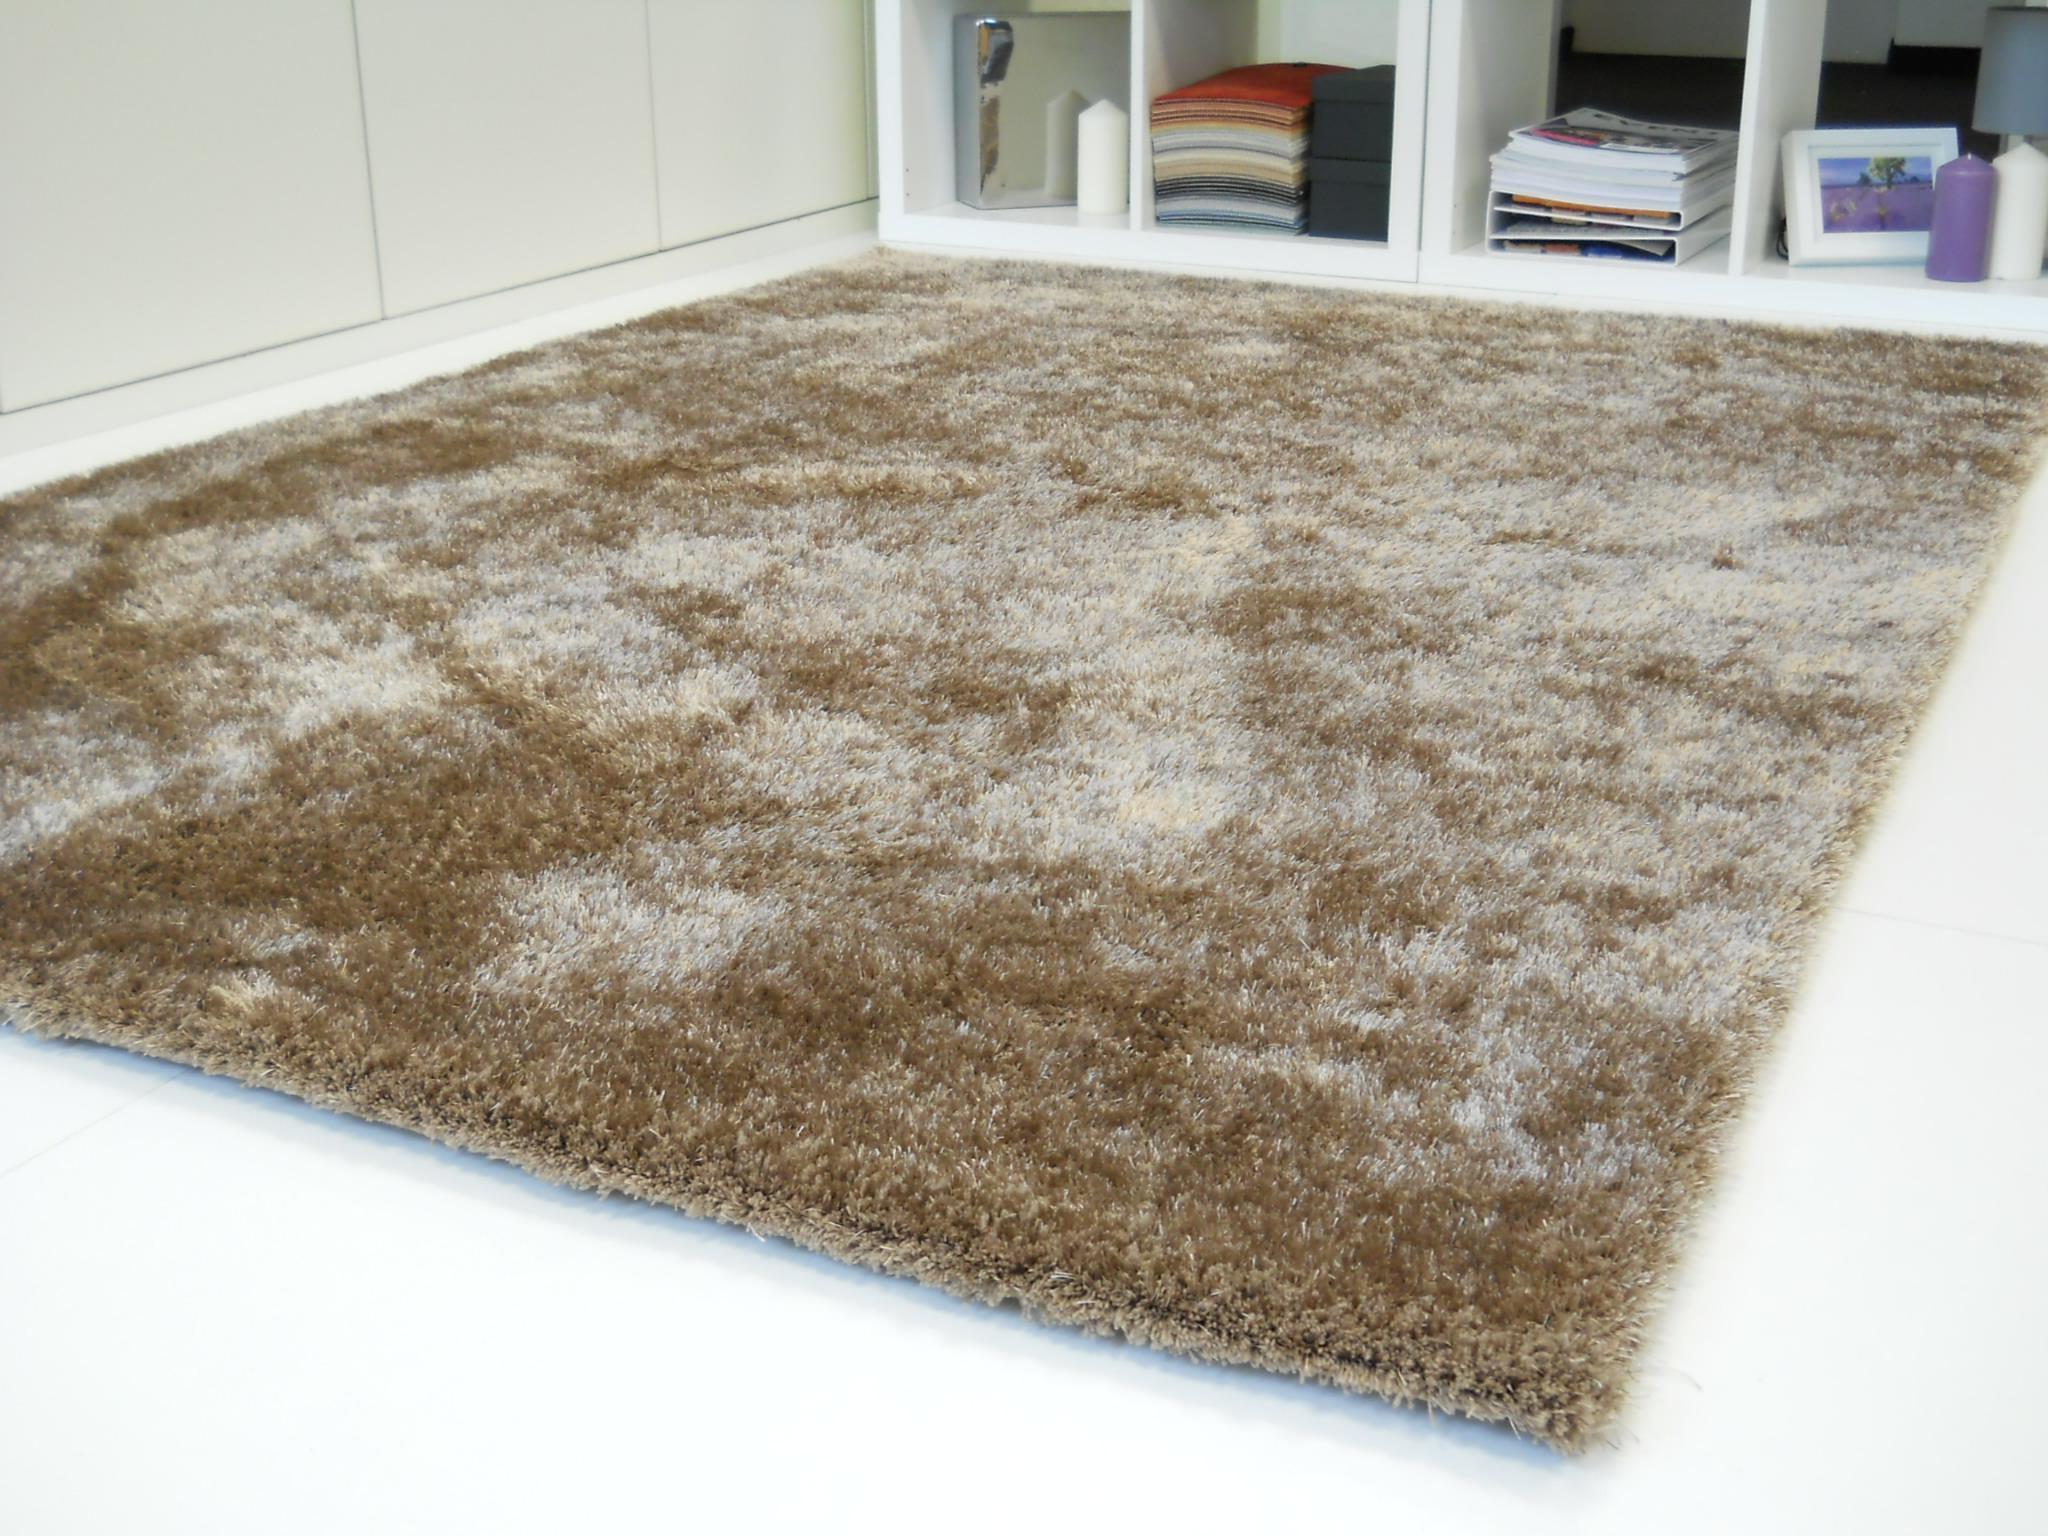 schner wohnen hochflor teppich excellent schner wohnen emotion silber designer teppich diverse. Black Bedroom Furniture Sets. Home Design Ideas